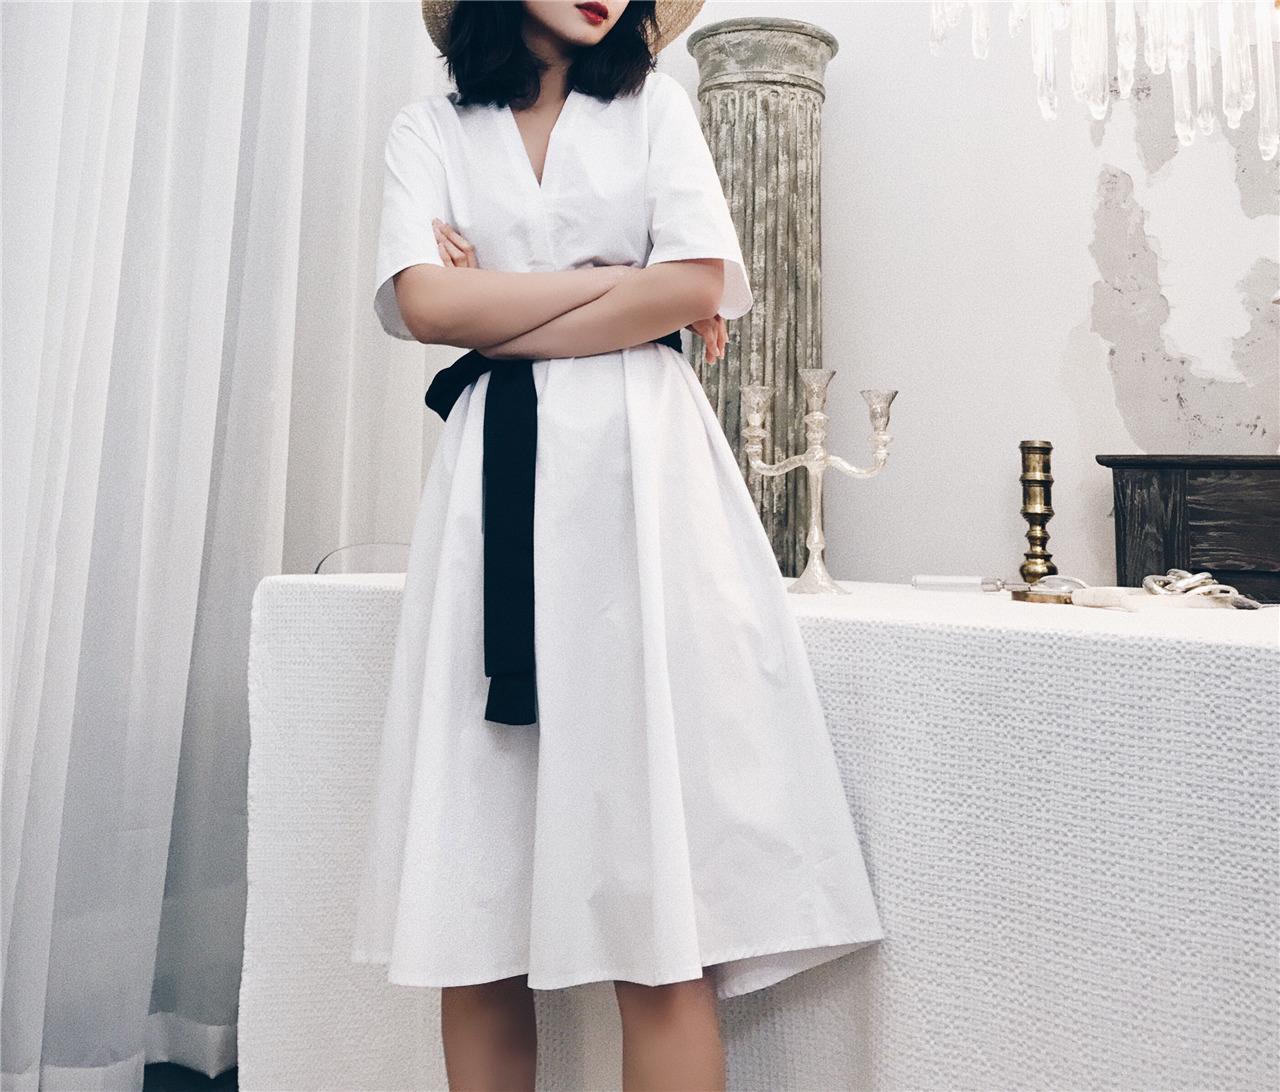 w/2018夏新 大V领白色度假收腰连衣裙女 极简时髦 宽松腰带连衣裙